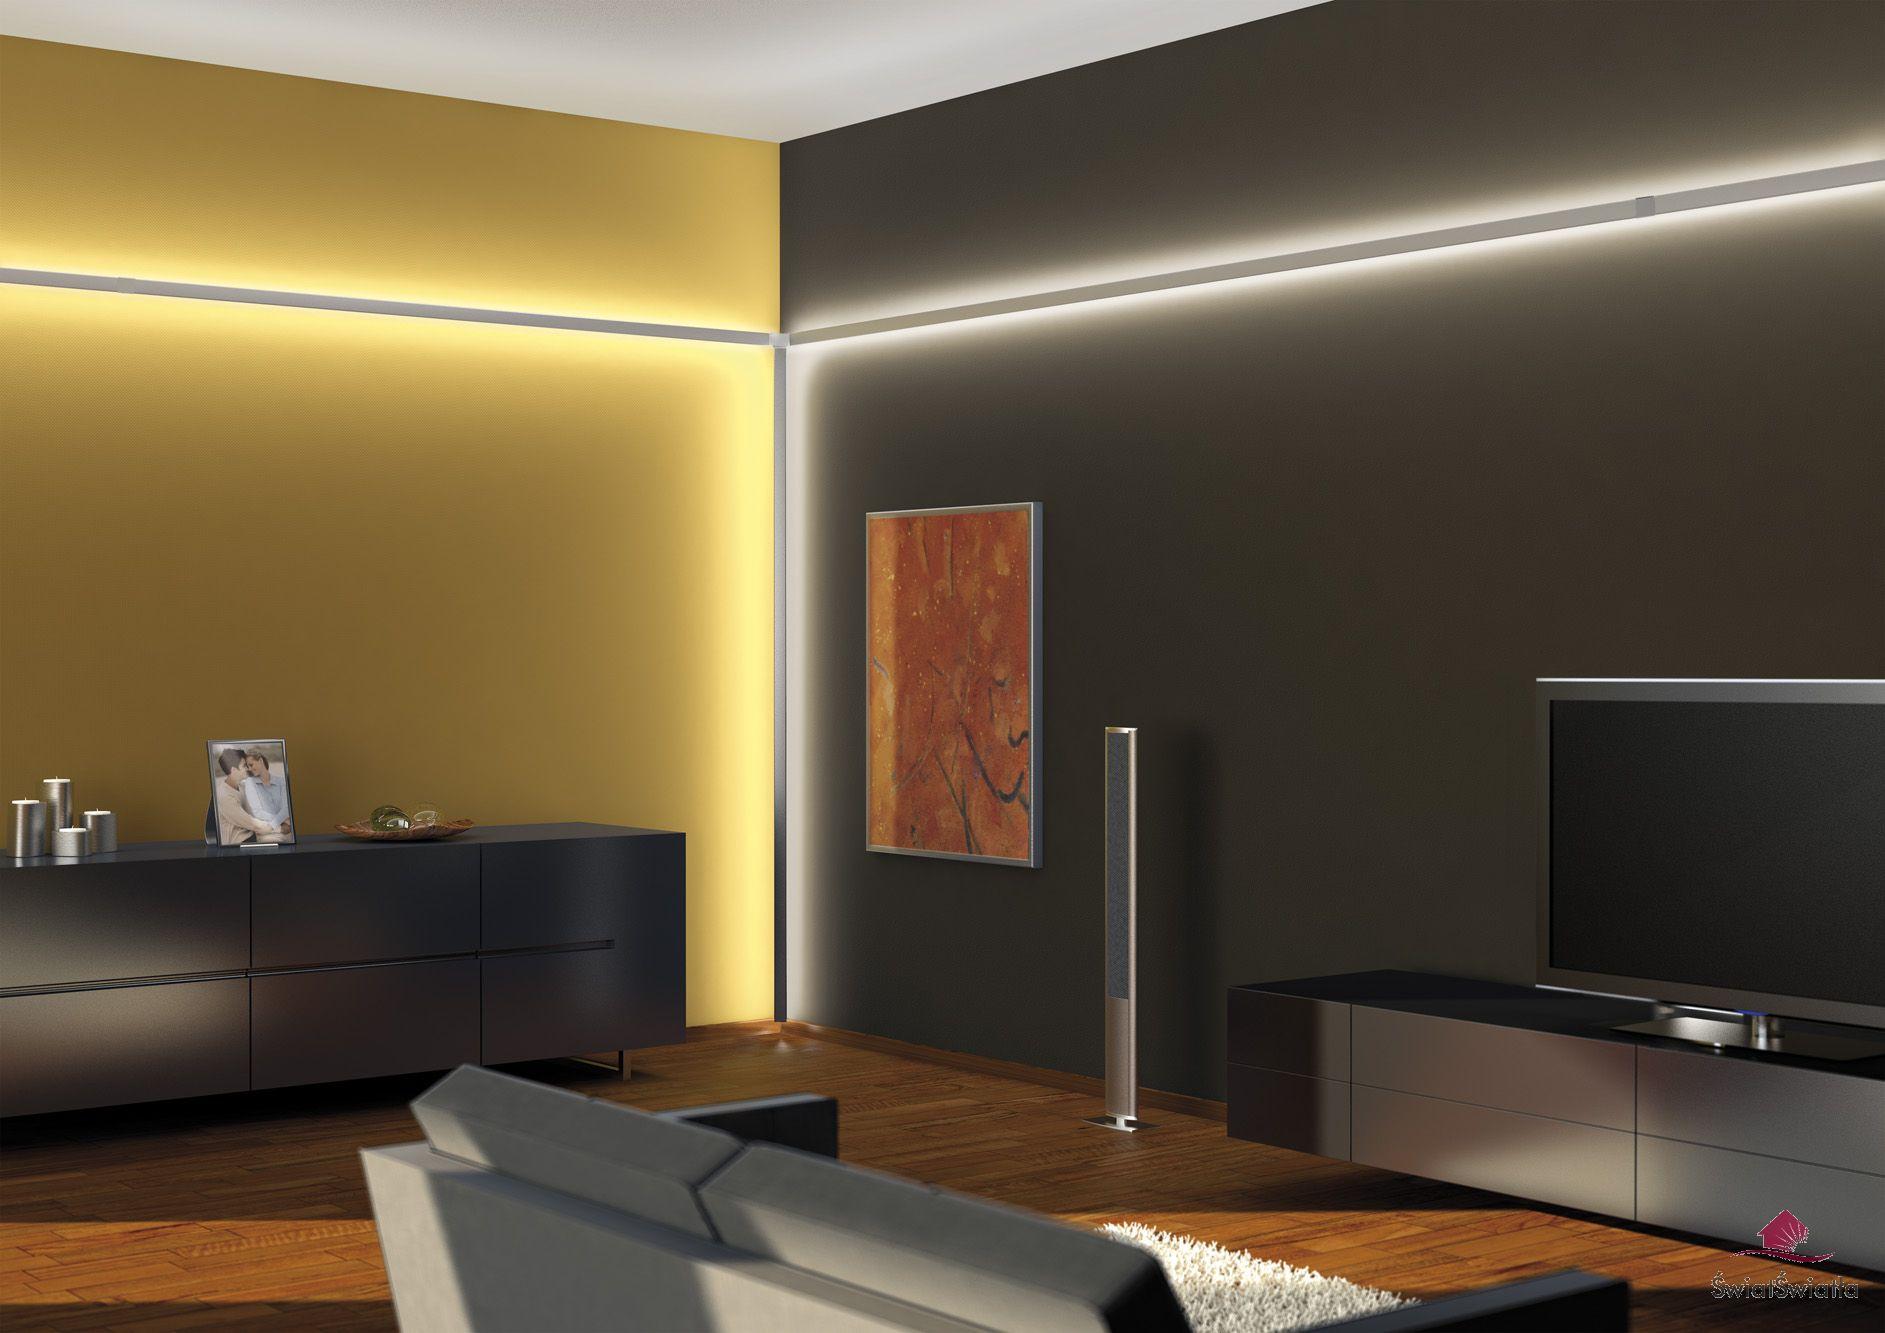 Jak samodzielnie zamontować profil LED?